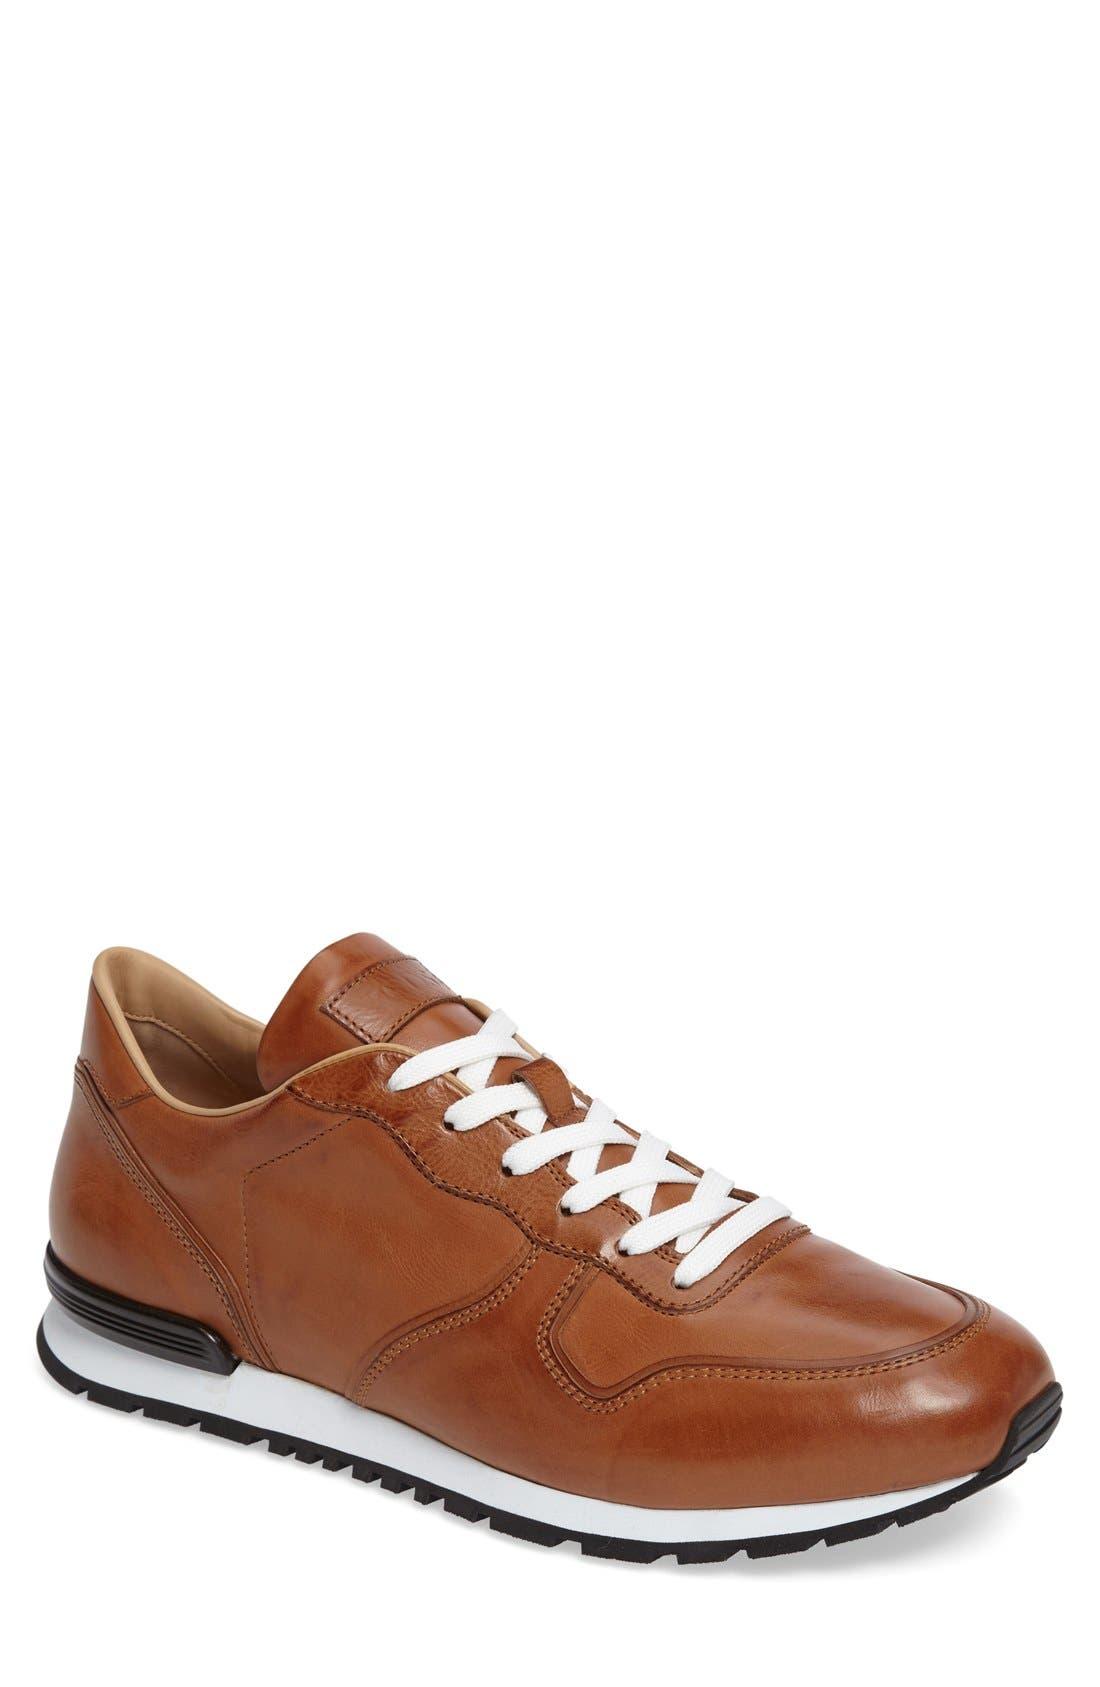 'Allacciato' Sneaker,                         Main,                         color, Brown Leather